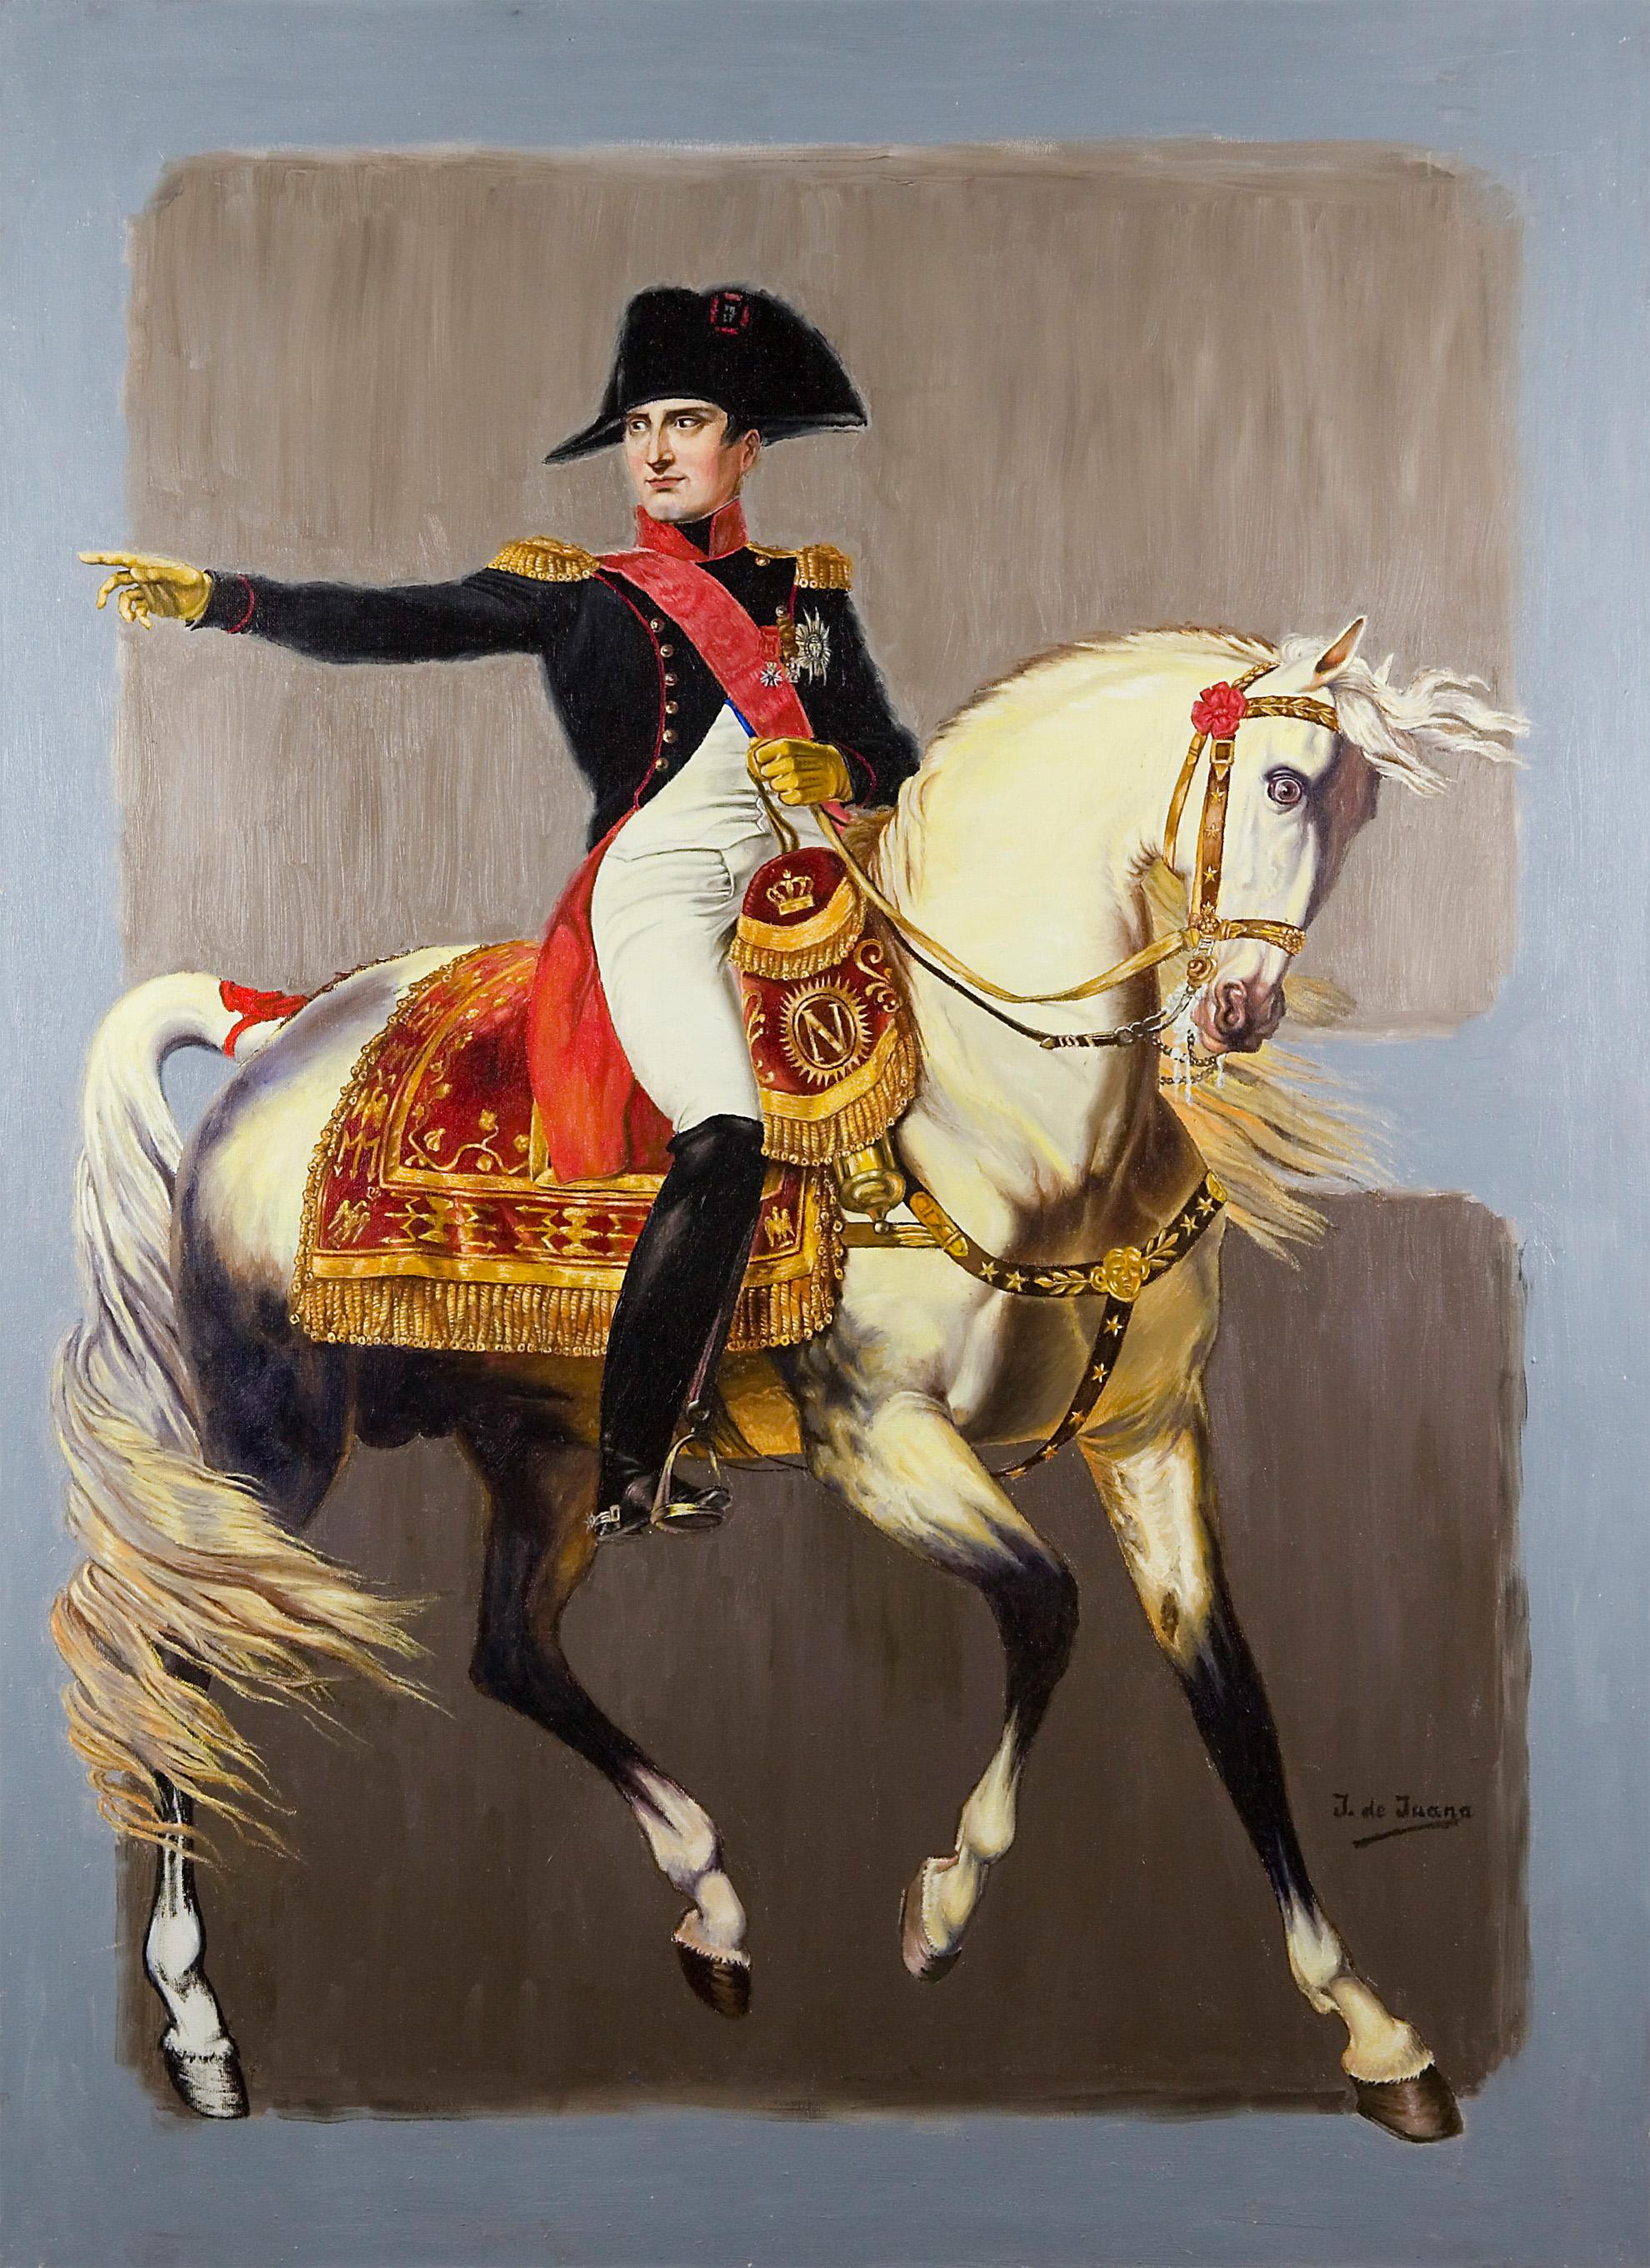 """Estudio de Napoleón a caballo """"MANDO Y AMBICION"""" - cuadro de Javier de Juana"""